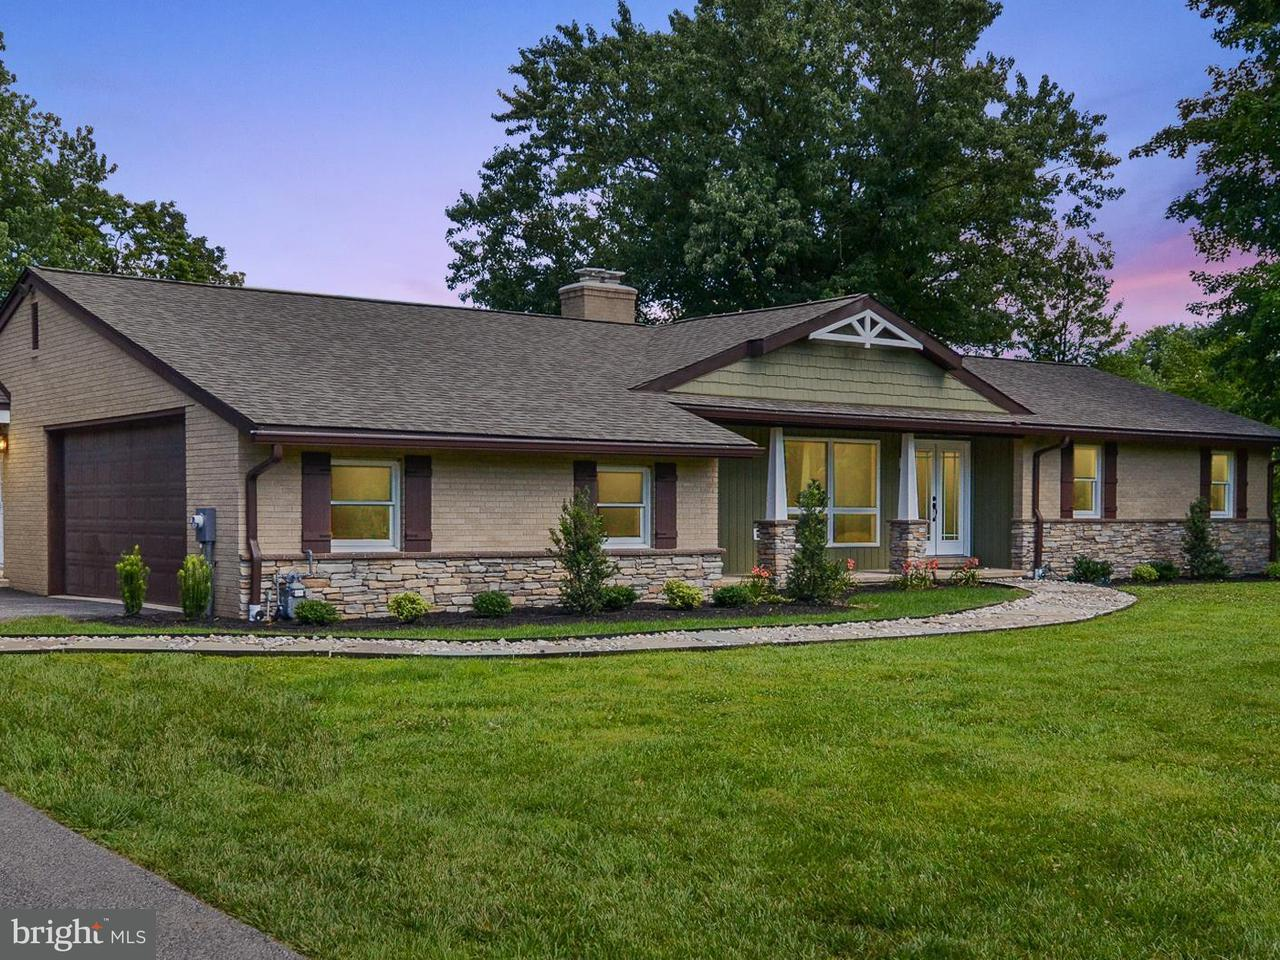 一戸建て のために 売買 アット 12421 MANOR Road 12421 MANOR Road Glen Arm, メリーランド 21057 アメリカ合衆国